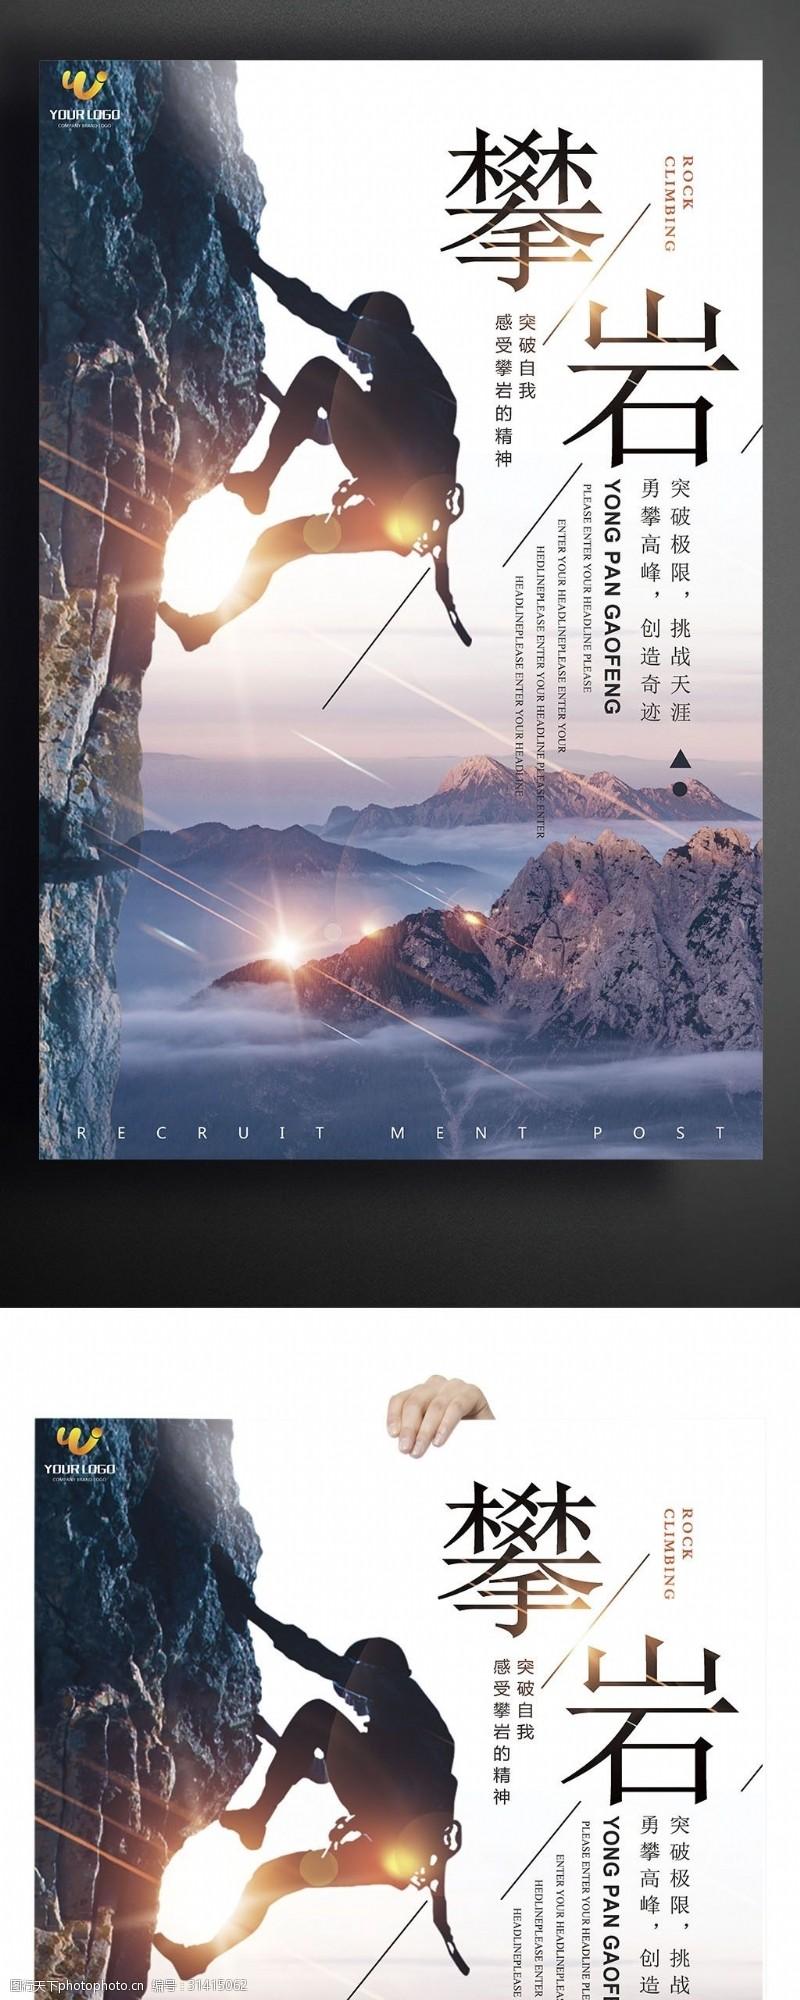 徒手攀岩攀岩体育运动海报设计